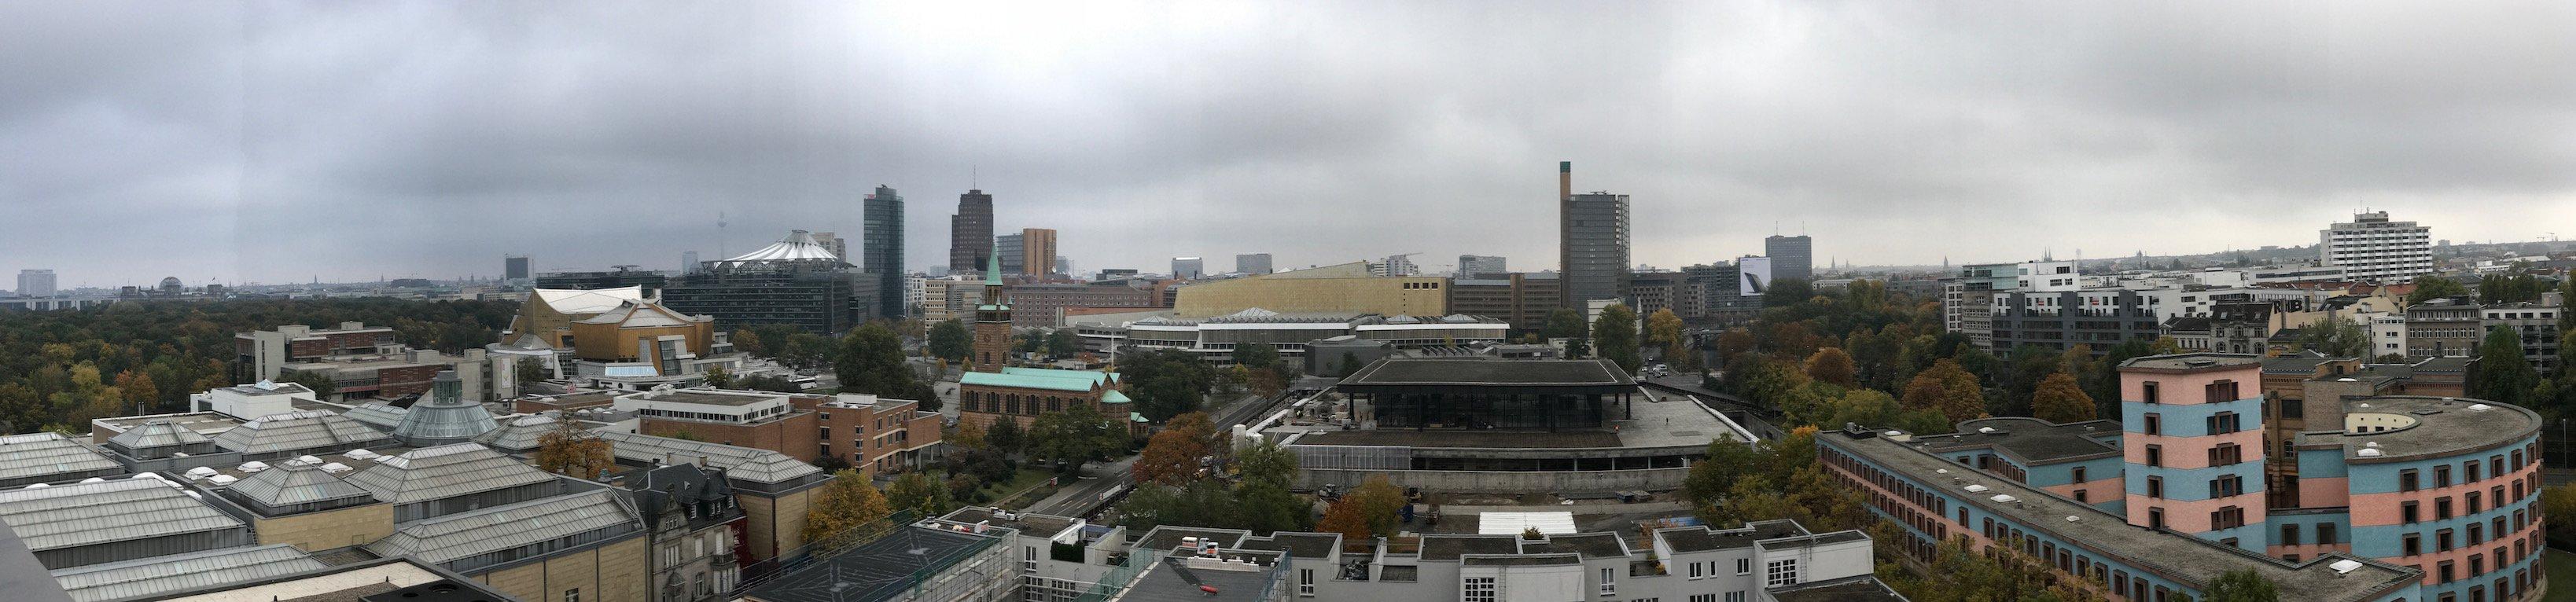 Panoramablick von der Terrasse der Präsidentensuite des Maritim Hotels Berlin